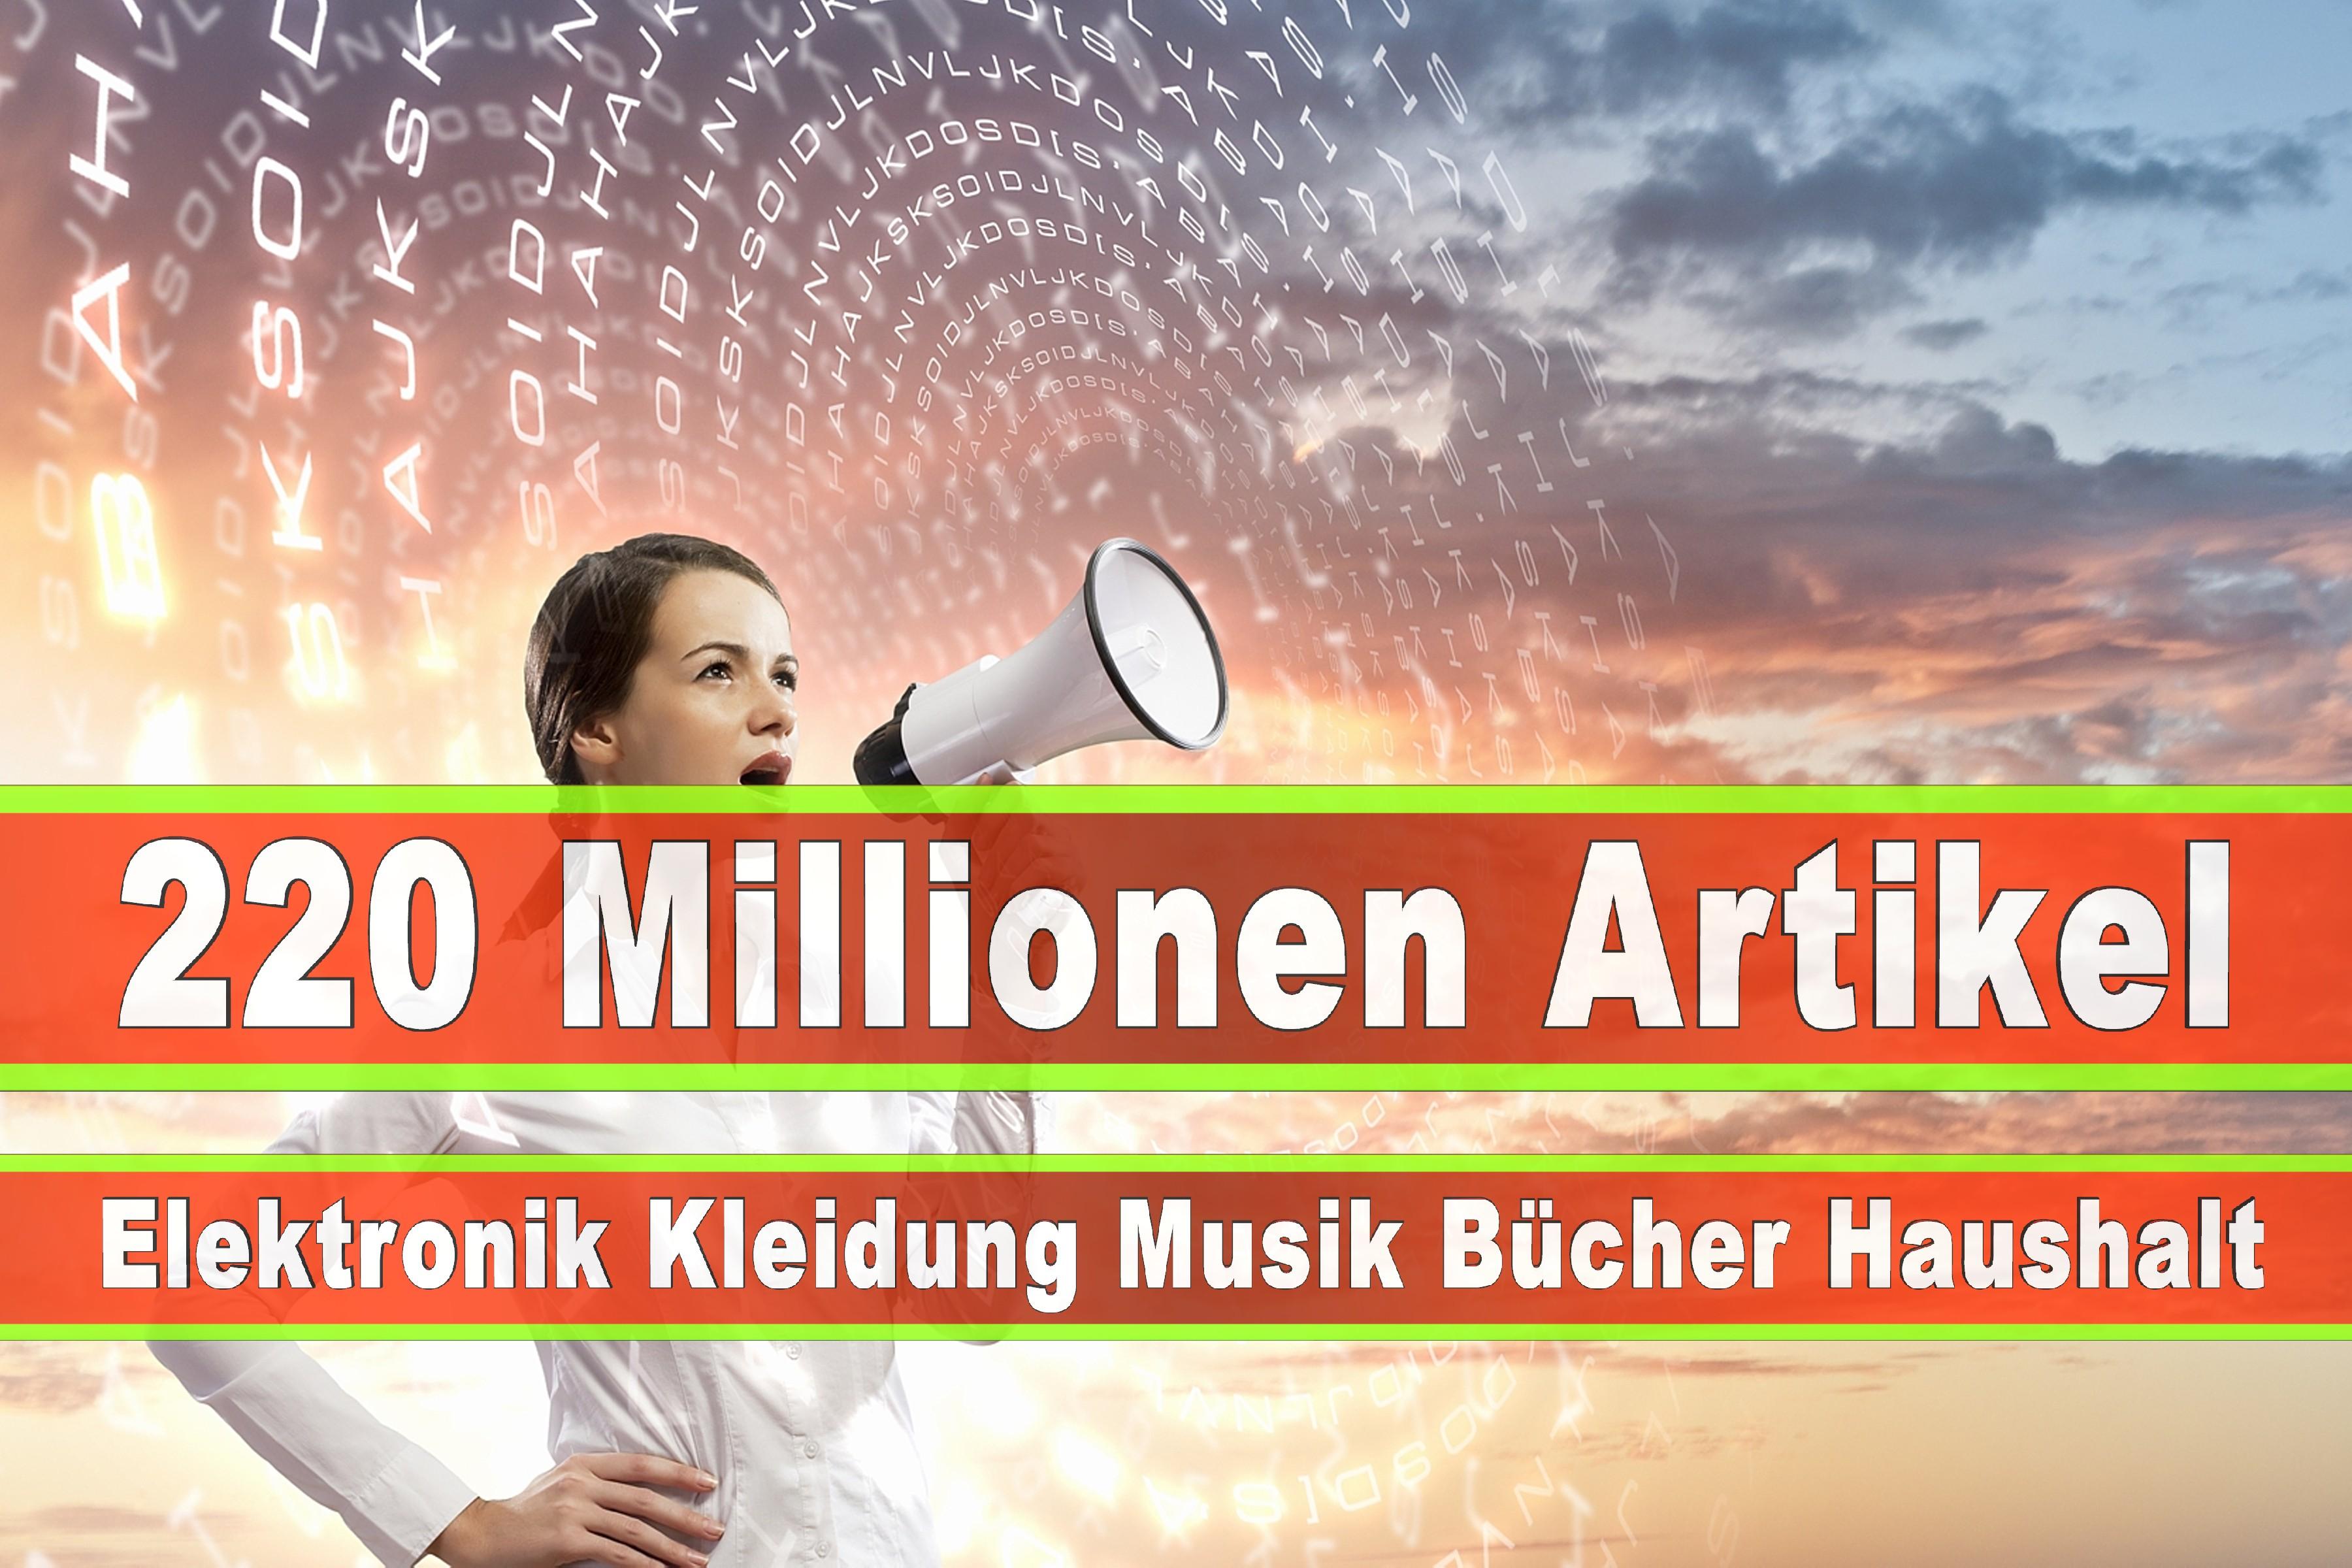 Amazon Elektronik Musik Haushalt Bücher CD DVD Handys Smartphones TV Television Fernseher Kleidung Mode Ebay Versandhaus (123)